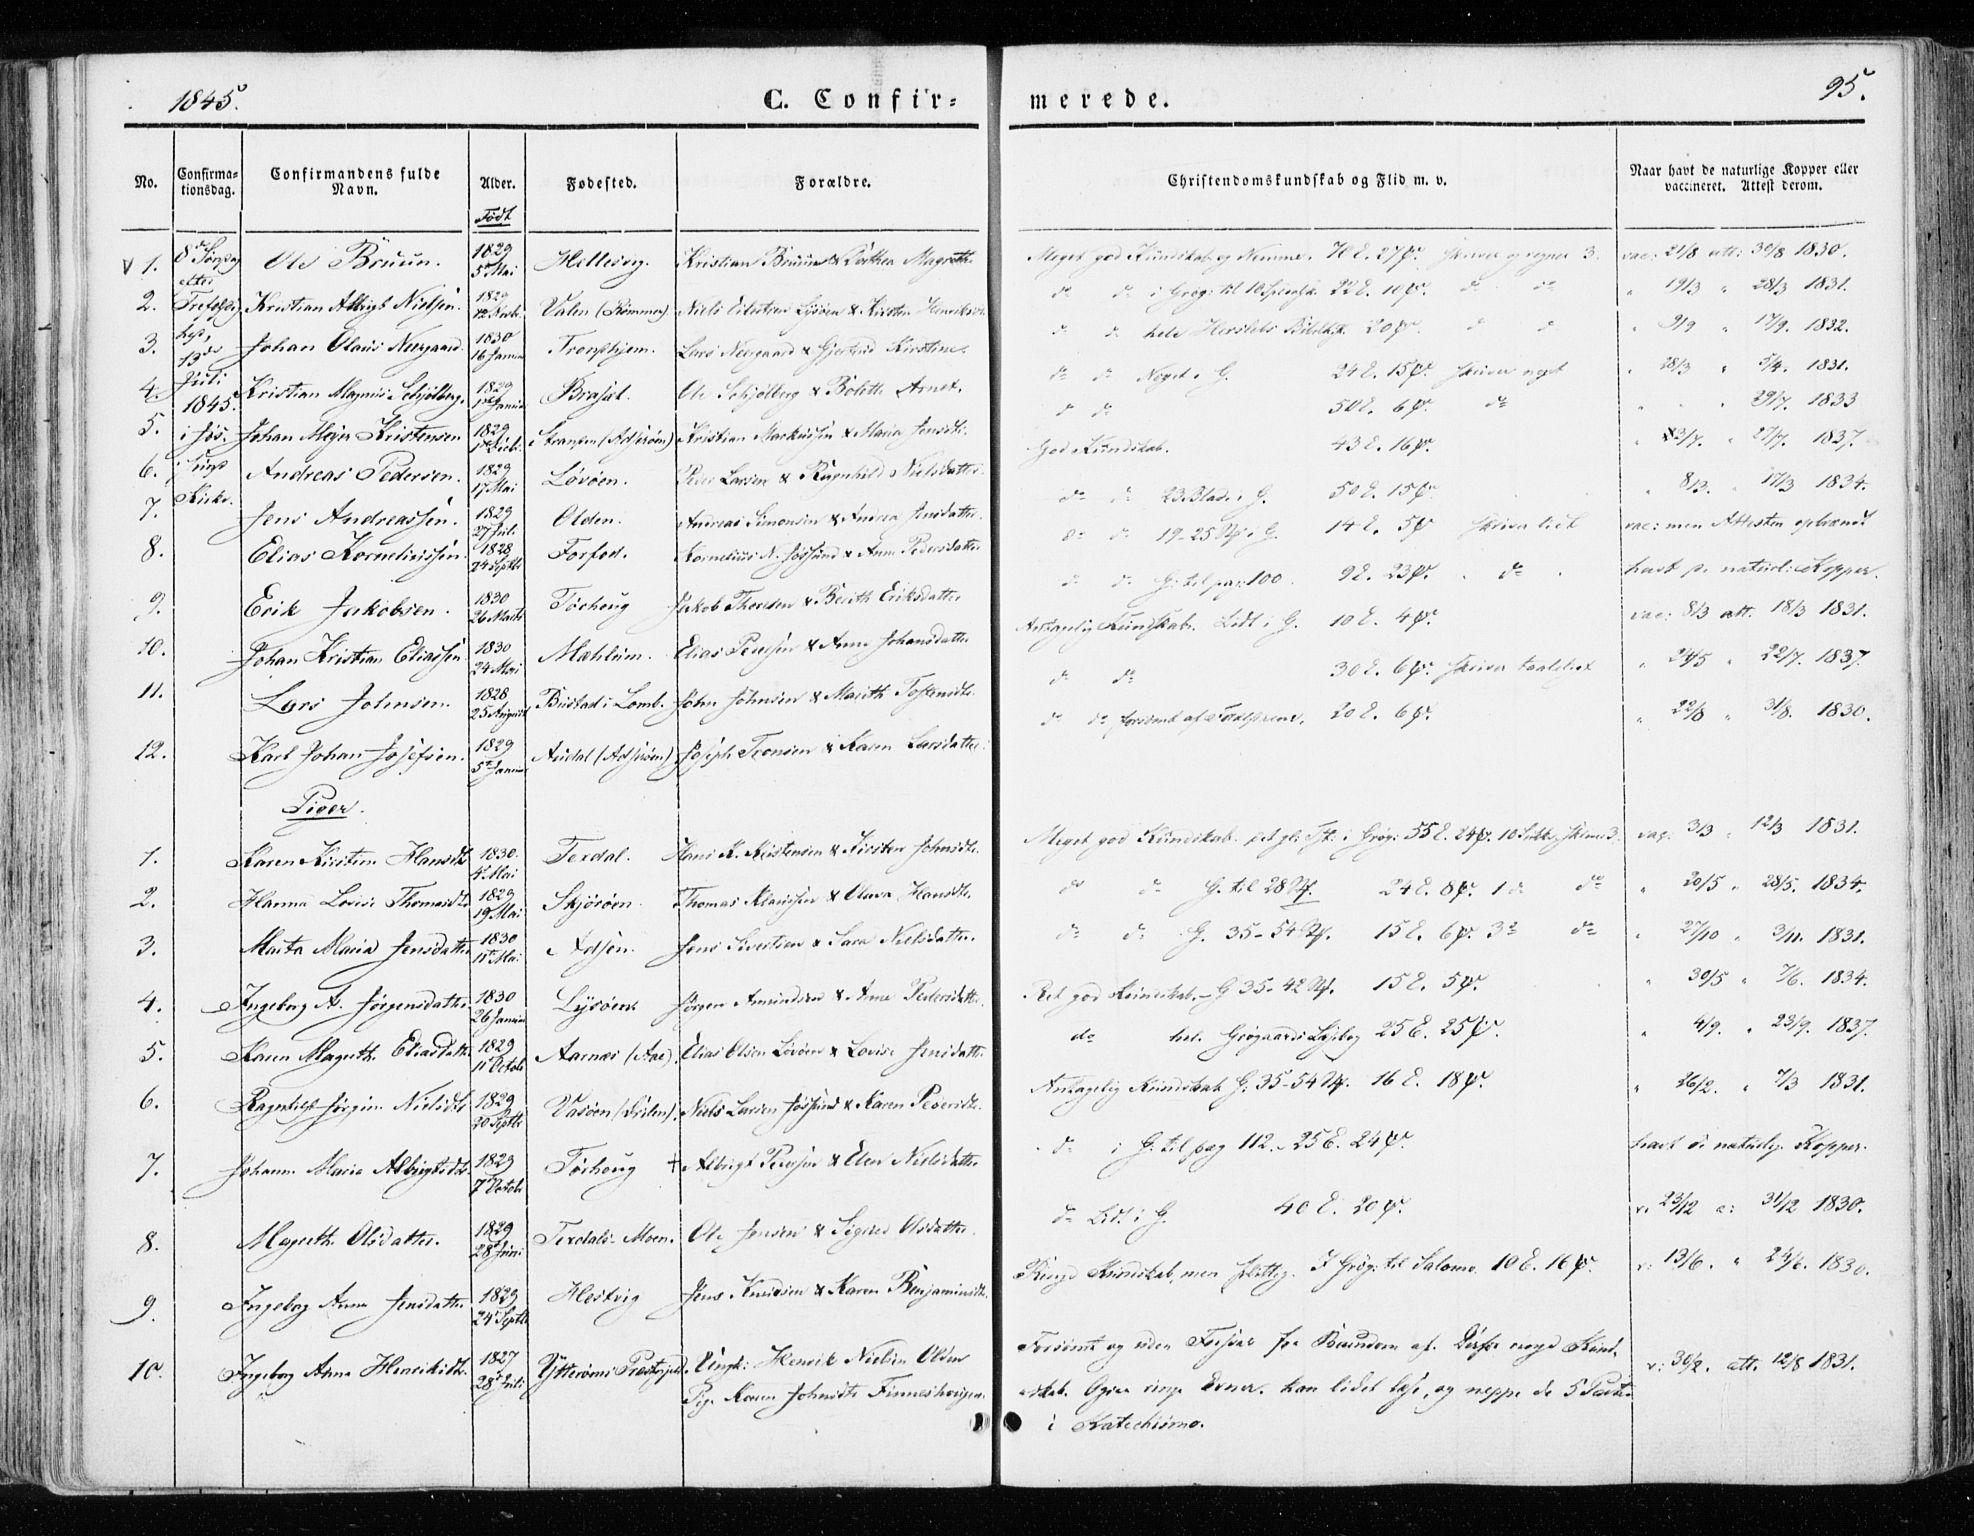 SAT, Ministerialprotokoller, klokkerbøker og fødselsregistre - Sør-Trøndelag, 655/L0677: Ministerialbok nr. 655A06, 1847-1860, s. 95